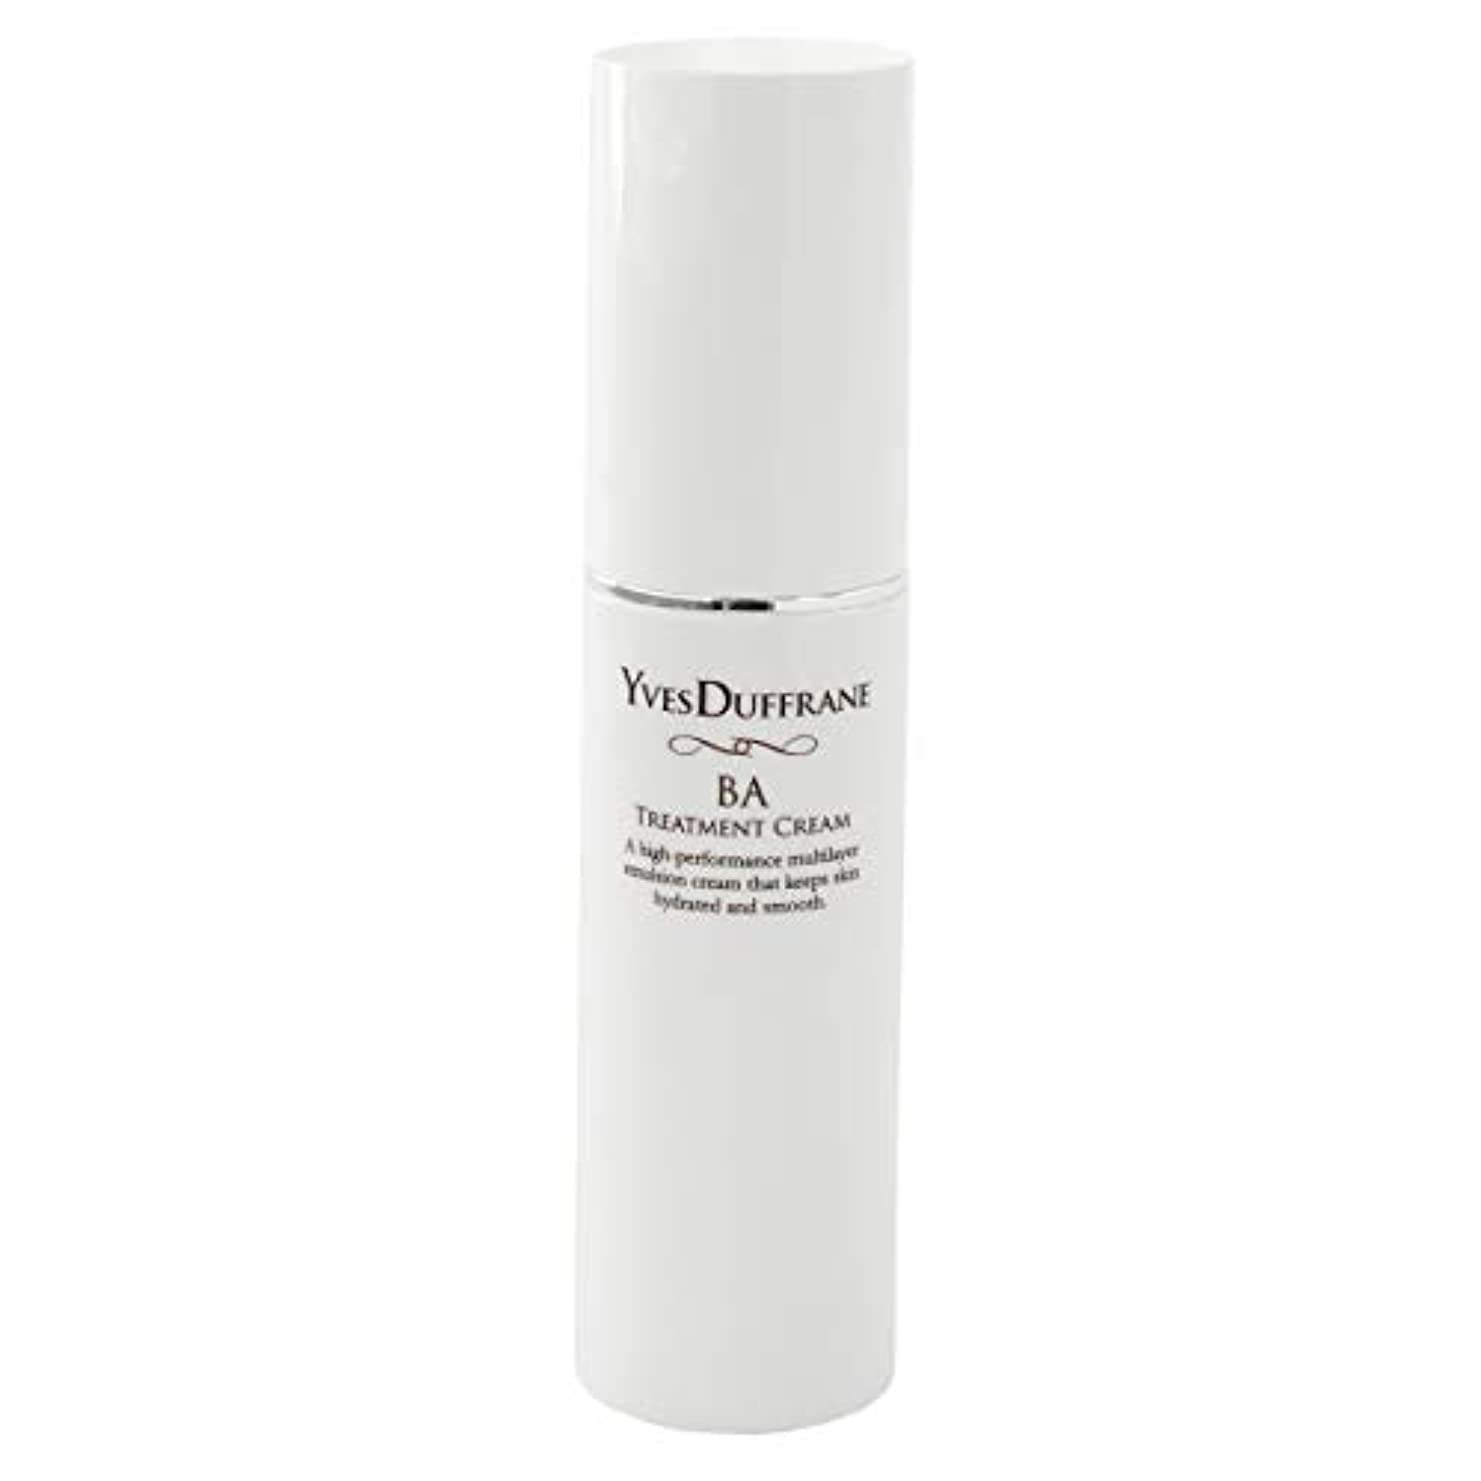 排他的路地霊セラミド 美容クリーム [BAトリートメント クリーム ] 顔 目元 敏感肌 保湿 セラミド ビタミンC誘導体 バイオアンテージ配合